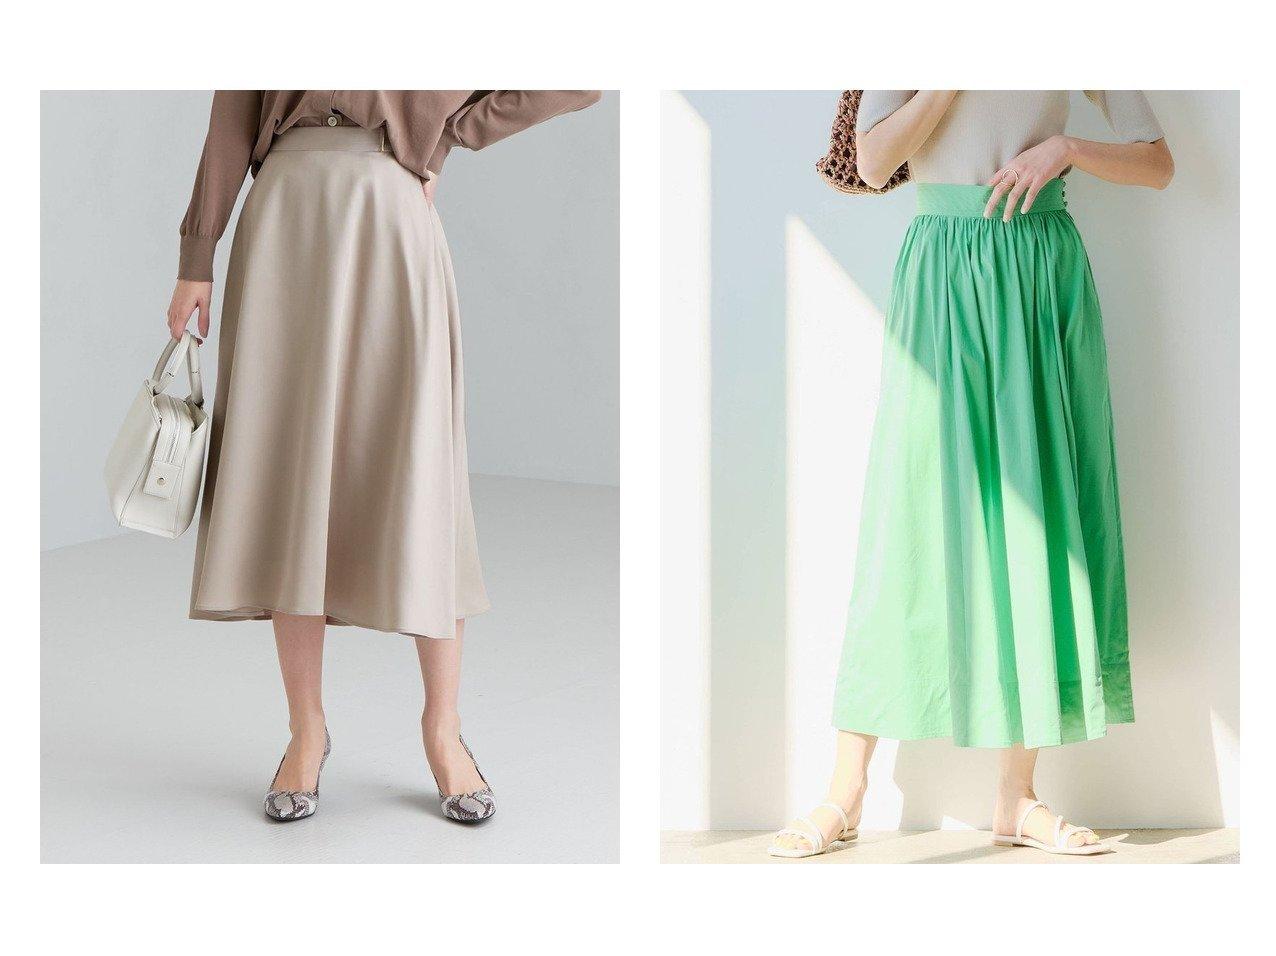 【green label relaxing / UNITED ARROWS/グリーンレーベル リラクシング / ユナイテッドアローズ】のFFC コットン N タイプライター ギャザー スカート&CS パーツ 付き フレア スカート 【スカート】おすすめ!人気、トレンド・レディースファッションの通販  おすすめで人気の流行・トレンド、ファッションの通販商品 メンズファッション・キッズファッション・インテリア・家具・レディースファッション・服の通販 founy(ファニー) https://founy.com/ ファッション Fashion レディースファッション WOMEN スカート Skirt Aライン/フレアスカート Flared A-Line Skirts ロングスカート Long Skirt おすすめ Recommend シンプル バランス フレア ミモレ メタル ロング 春 Spring 秋 Autumn/Fall ギャザー サンダル シューズ タイプライター トレンド フラット ワイド |ID:crp329100000033943